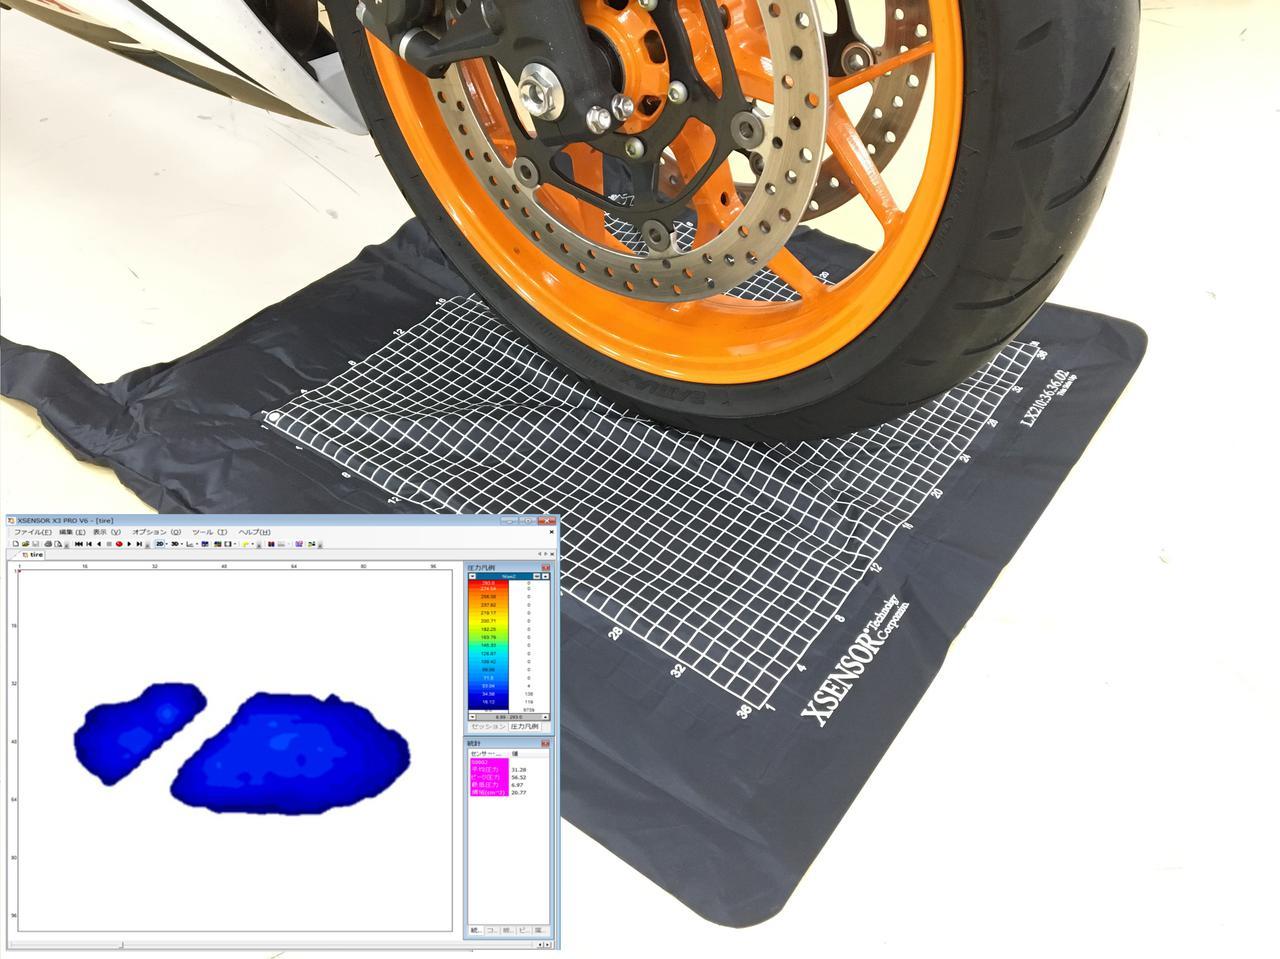 オートバイ女子部も参戦!?「みんなのモーターサイクル基礎講座」は2月5日(水)19時から開催!